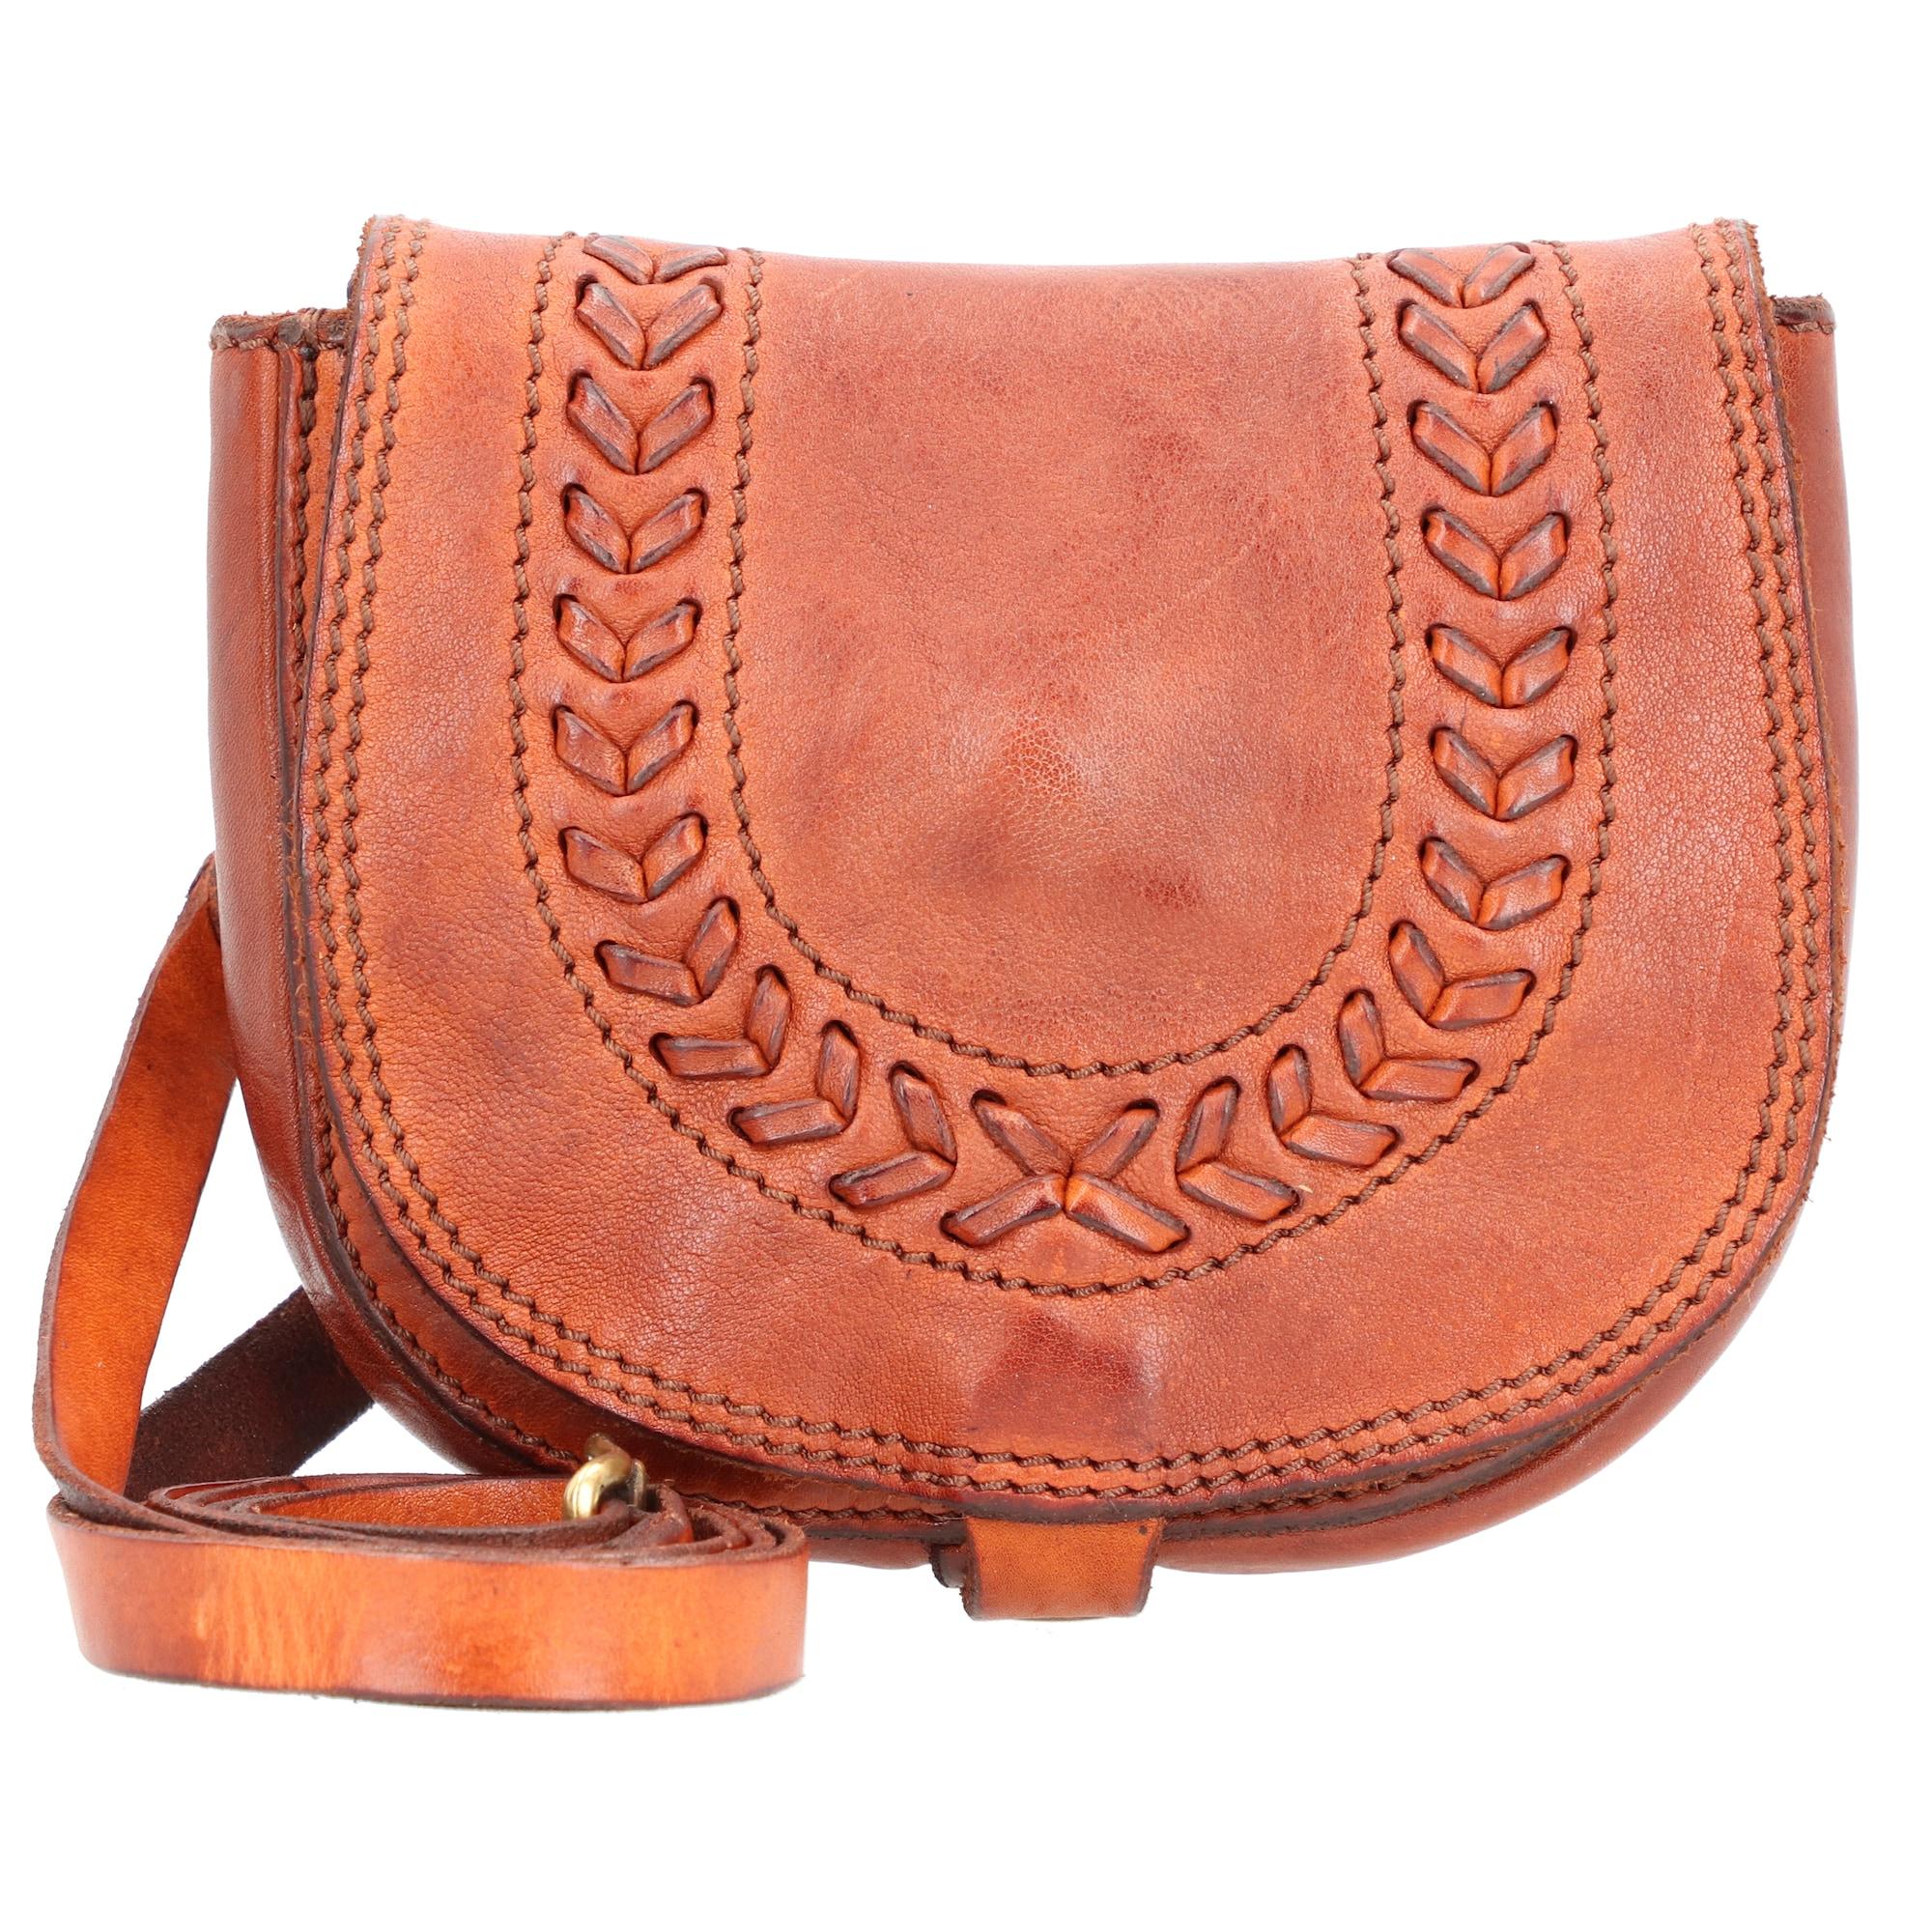 Umhängetasche | Taschen > Handtaschen > Umhängetaschen | Campomaggi